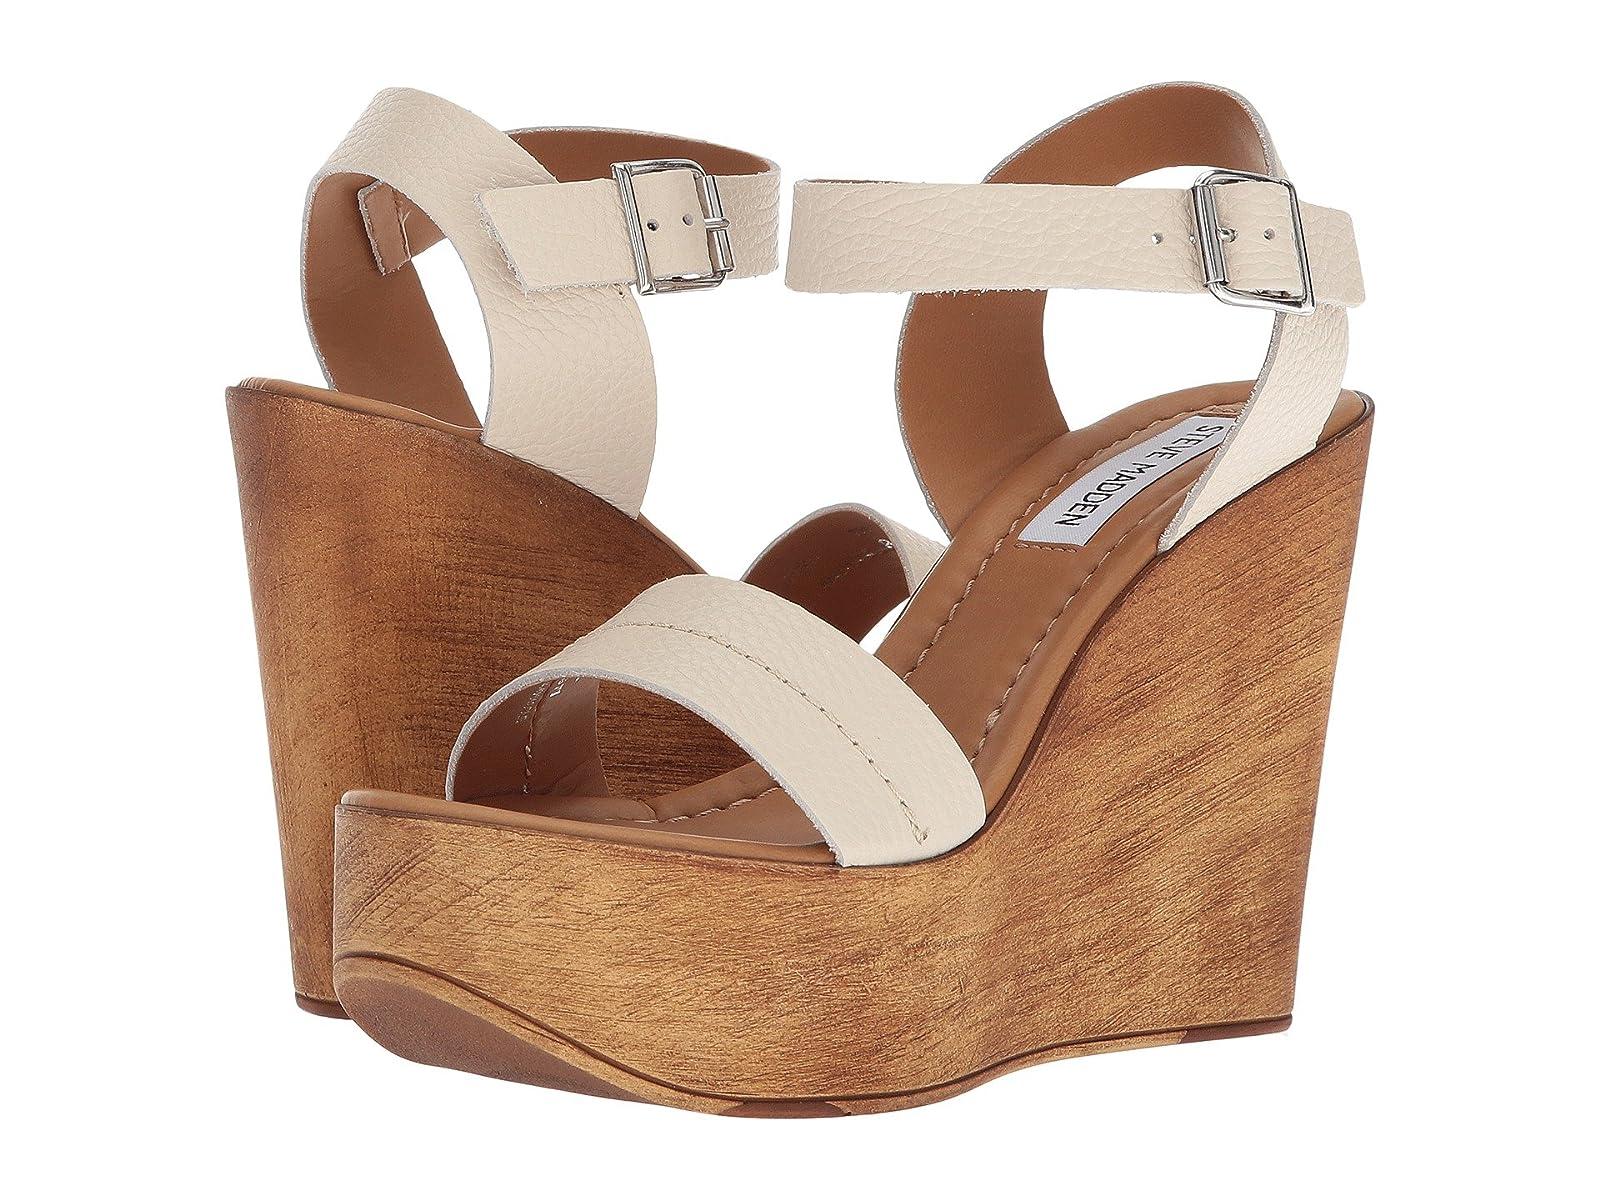 Steve Madden Belma Wedge SandalAtmospheric grades have affordable shoes